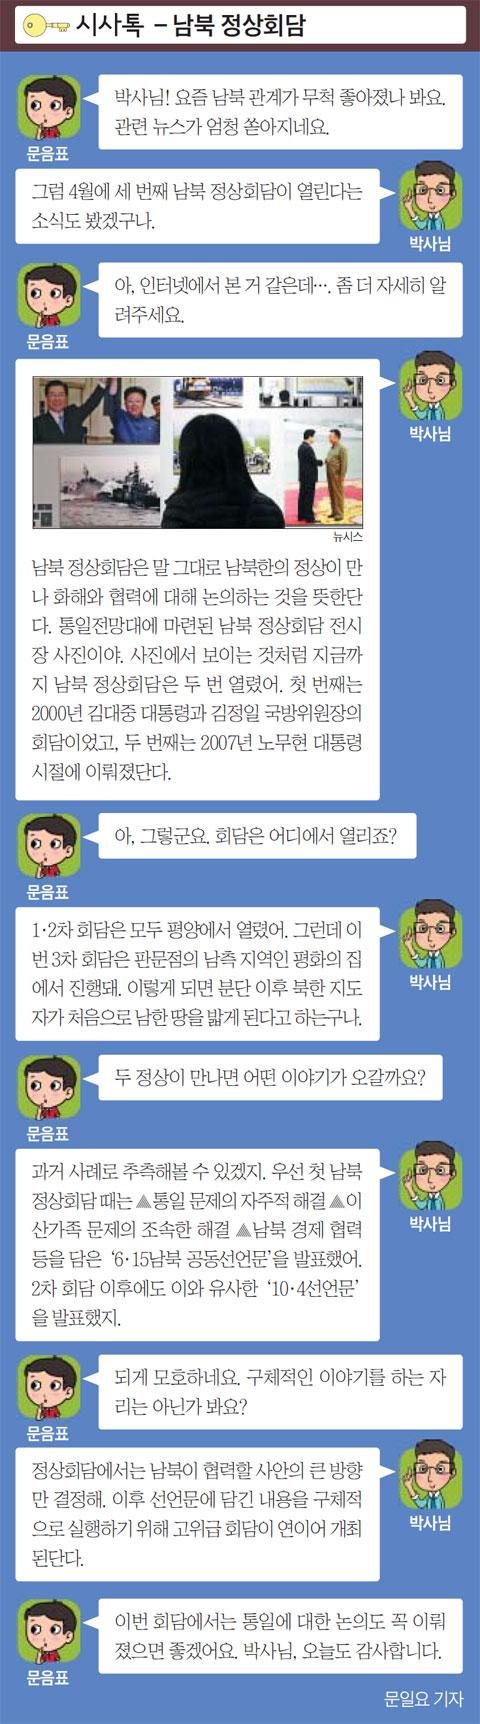 시사톡 남북 정상회담